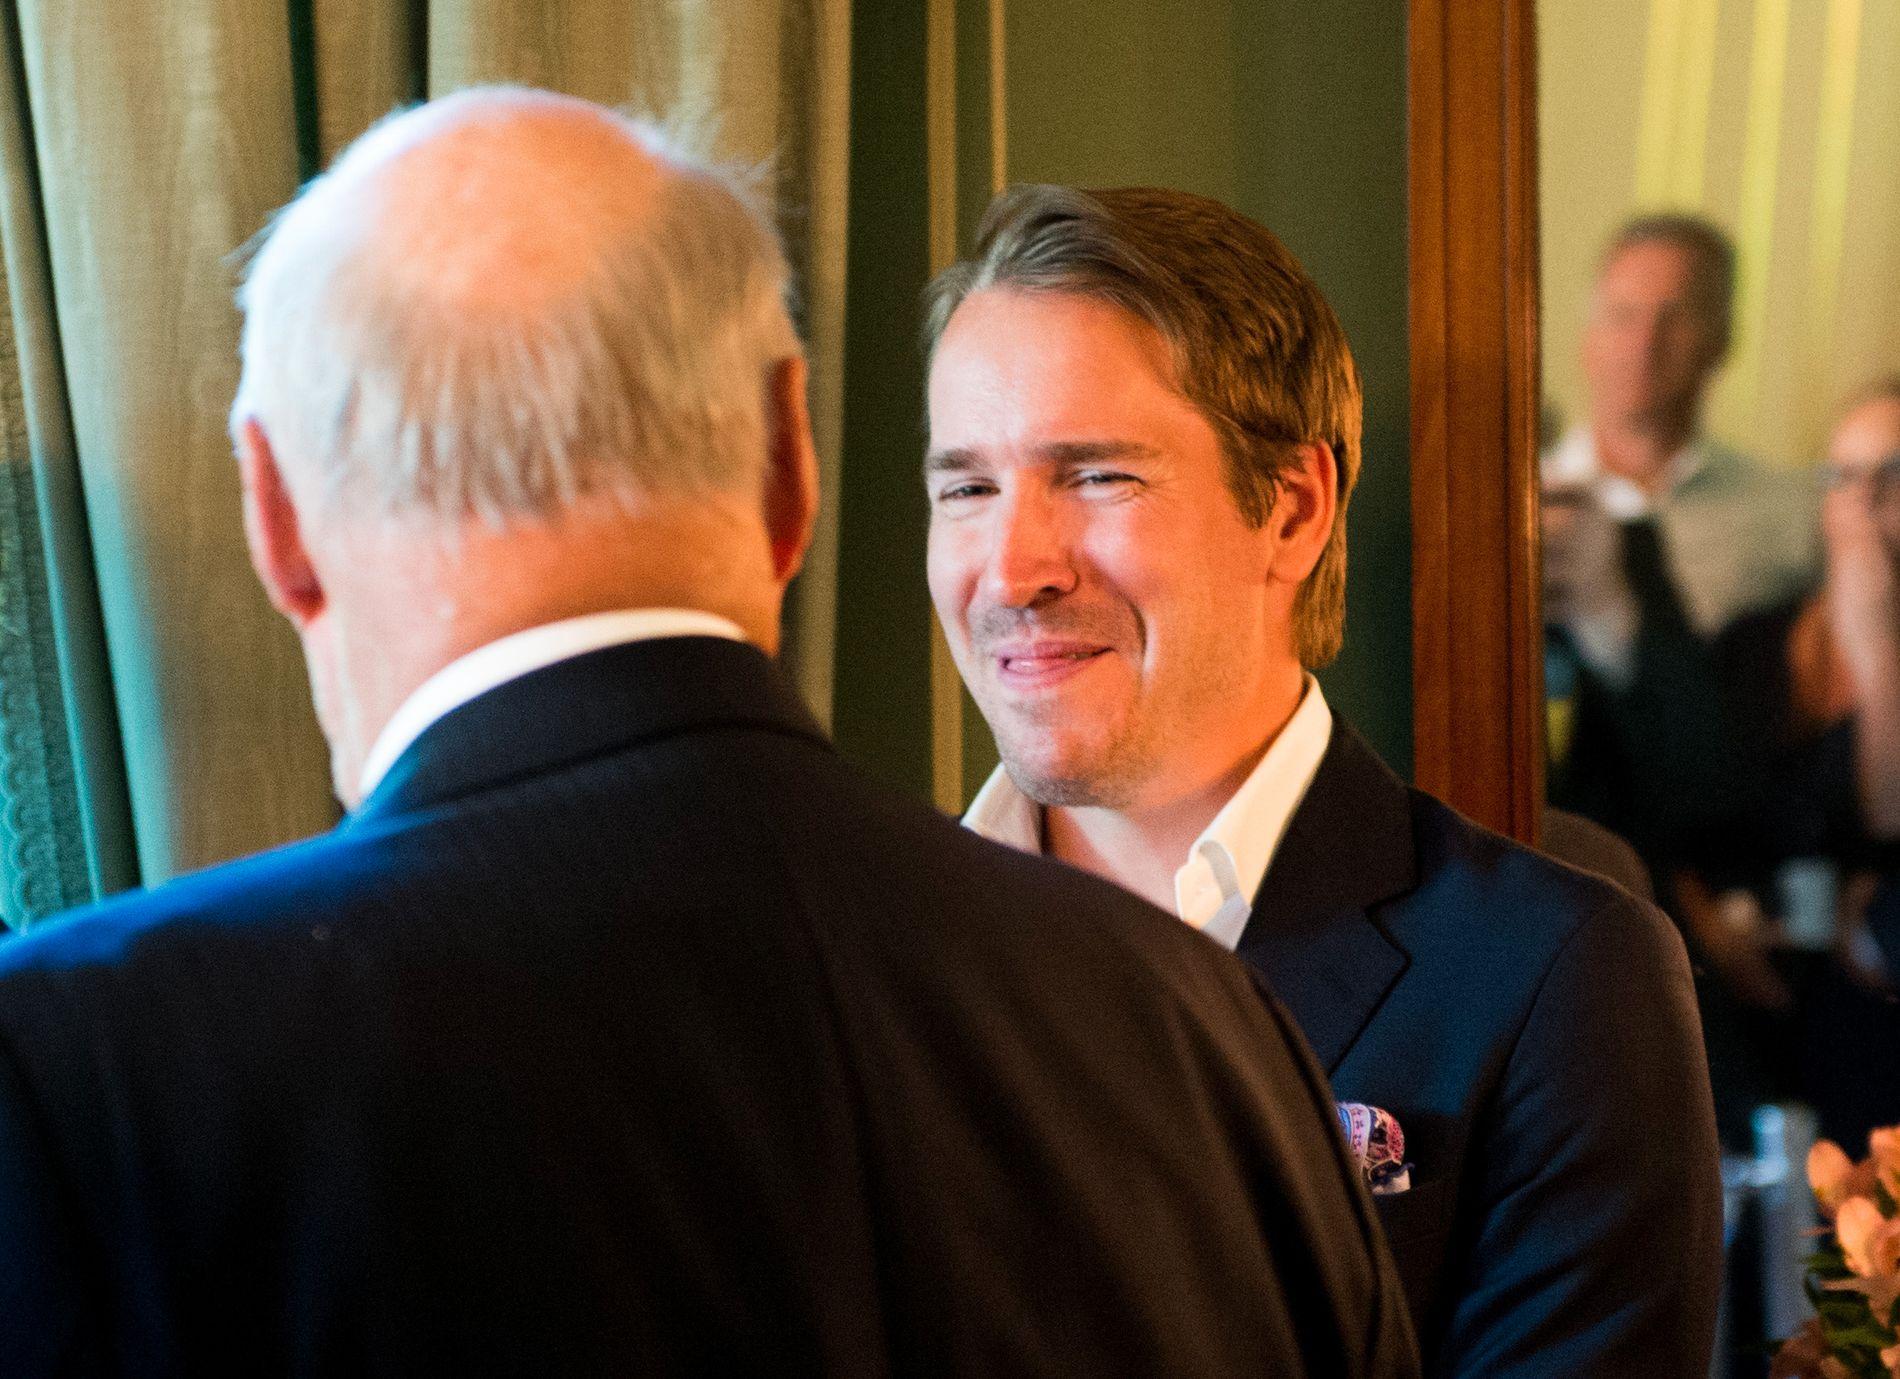 SPØKTE OG LO: Det ble et muntert møte mellom kong Harald og eks-skiskytter Emil Hegle Svendsen.